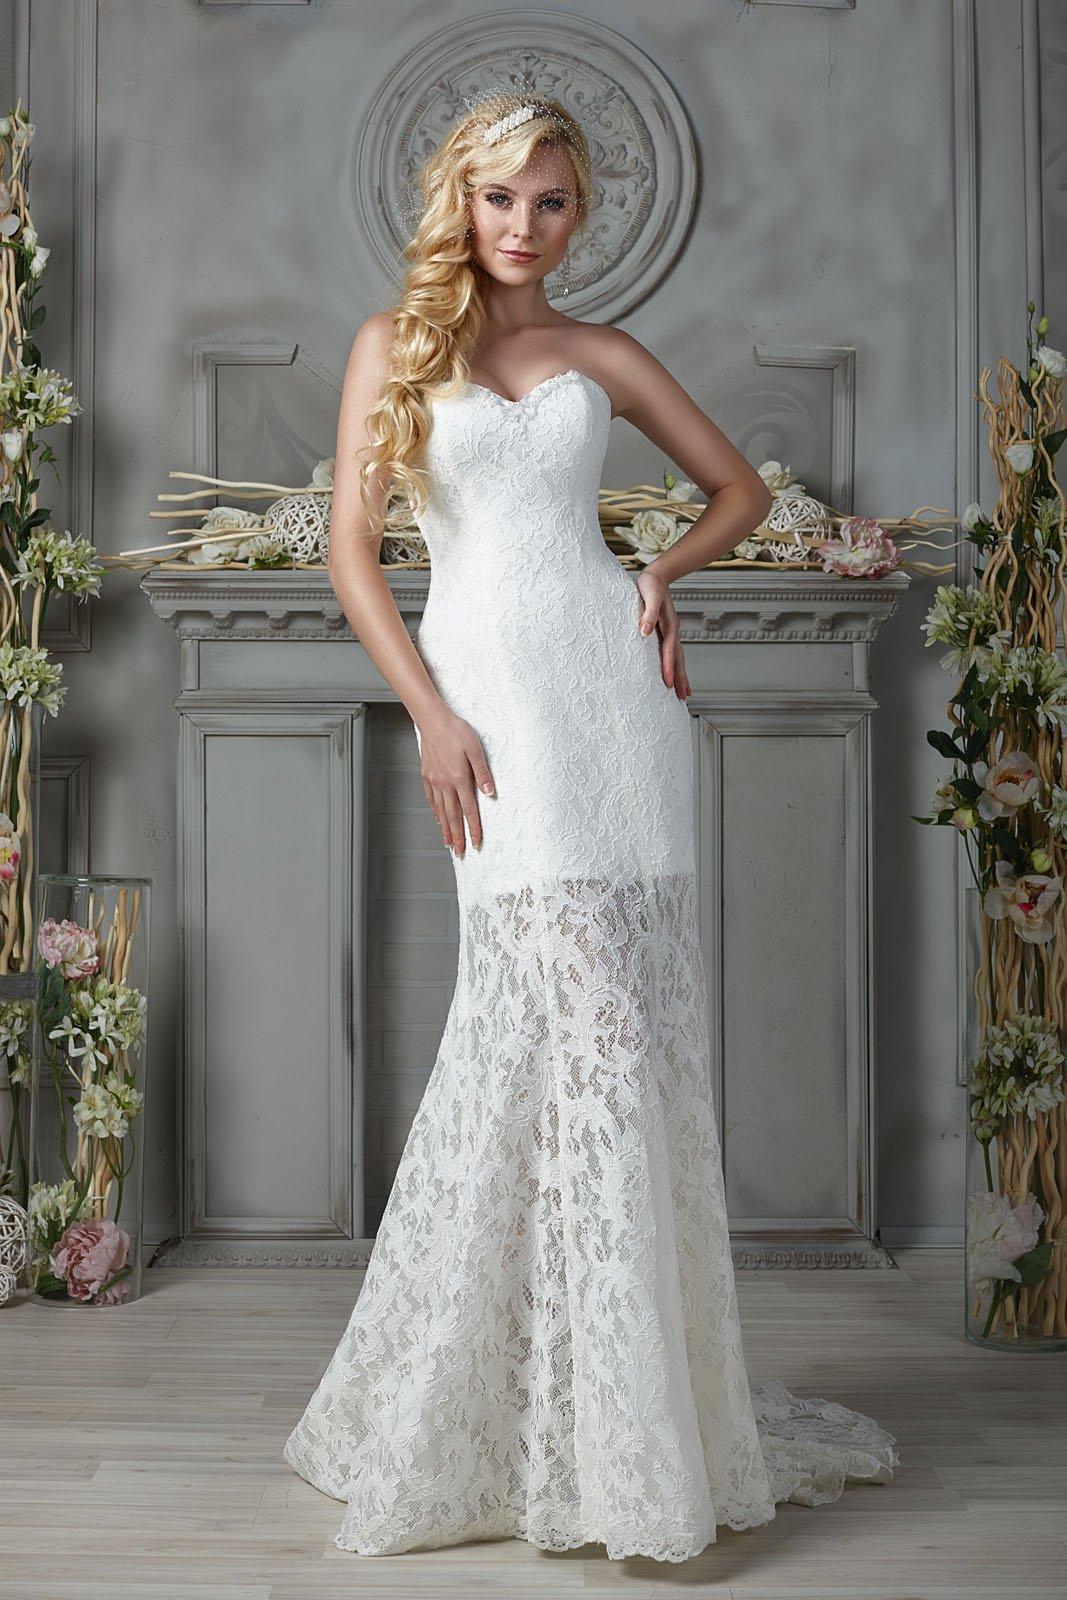 Открытое свадебное платье силуэта «рыбка» с полупрозрачной ниже коленей юбкой.